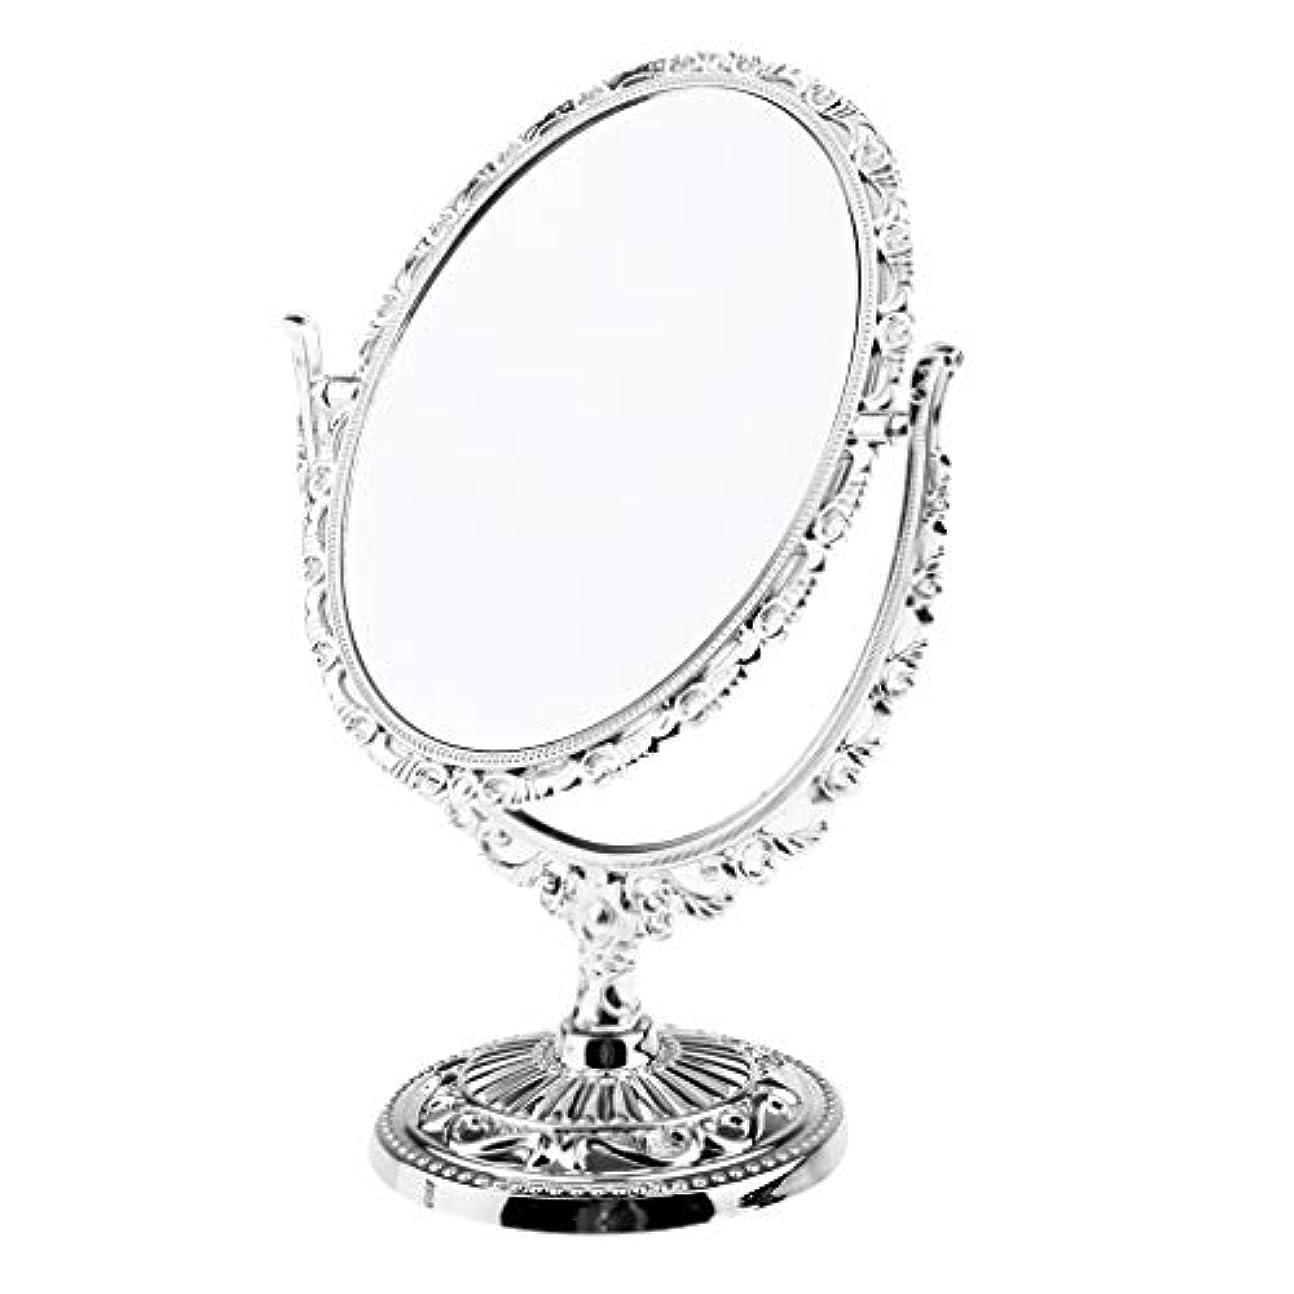 酸化物輝く狐ミラー 卓上ミラー 360度回転 メイクアップミラー 拡大しない スタンドミラー 化粧鏡 全2種類 - オーバル